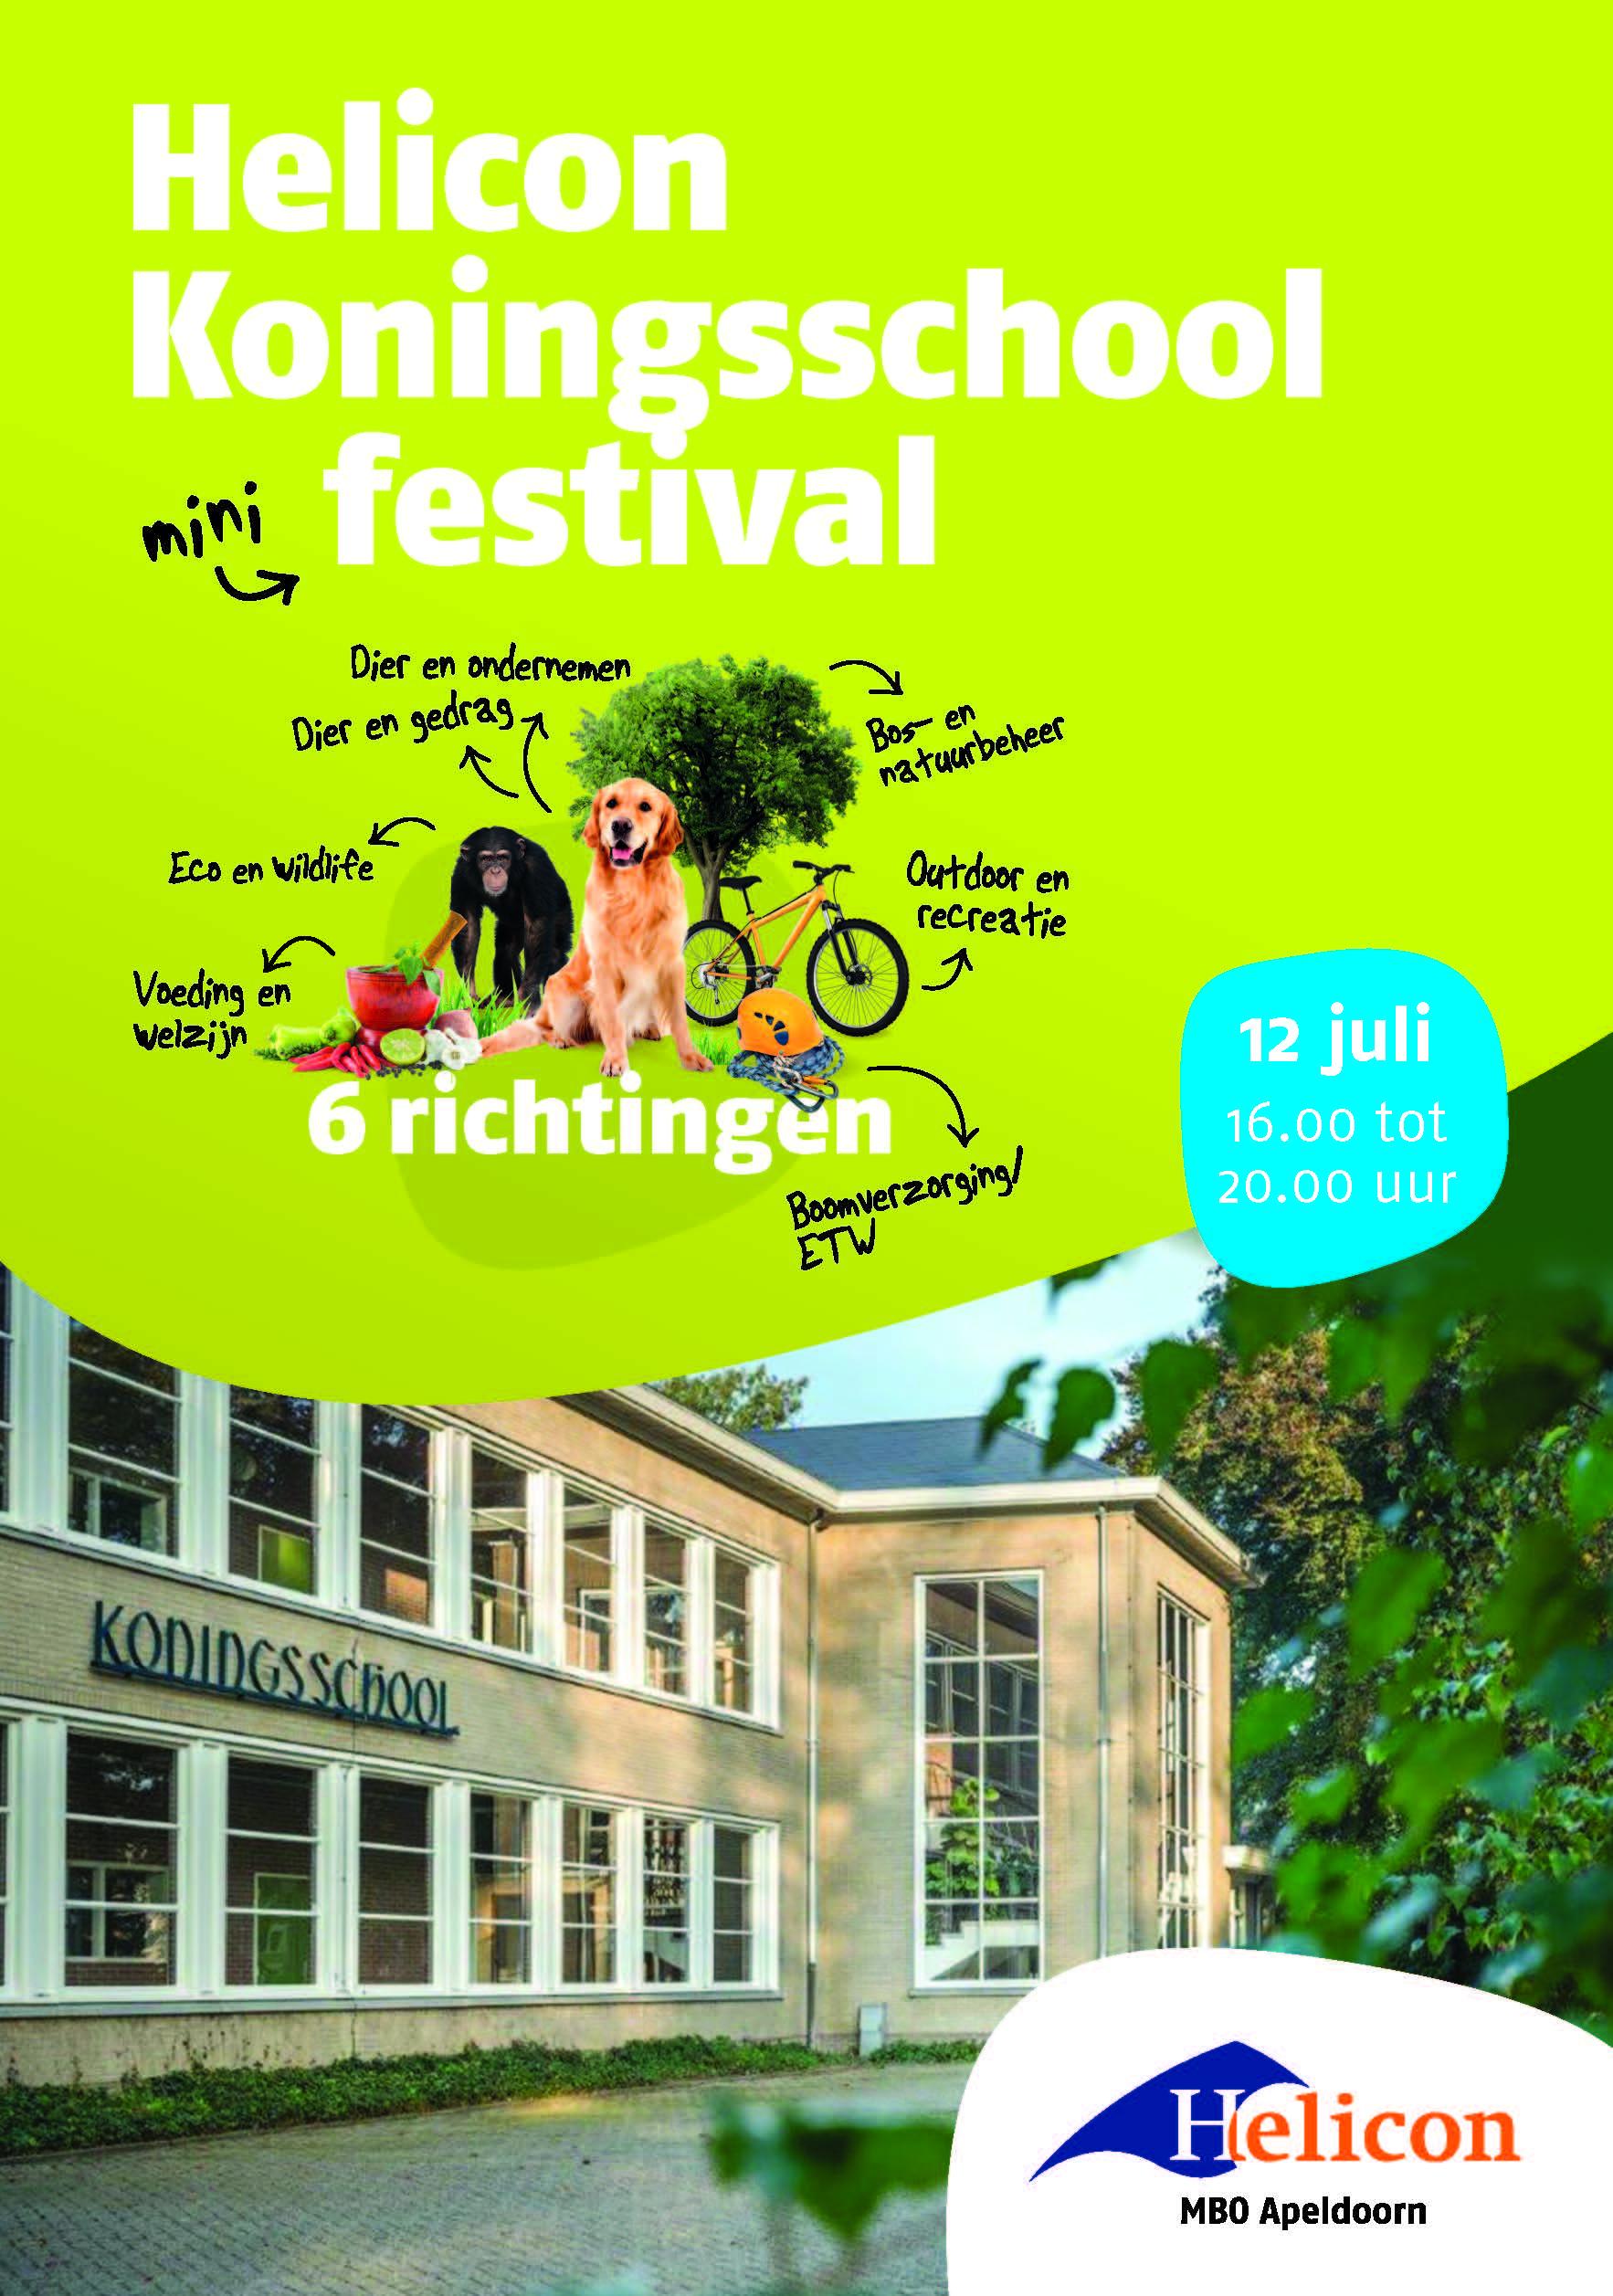 Helicon Koningsschool mini-festival op 12 juli